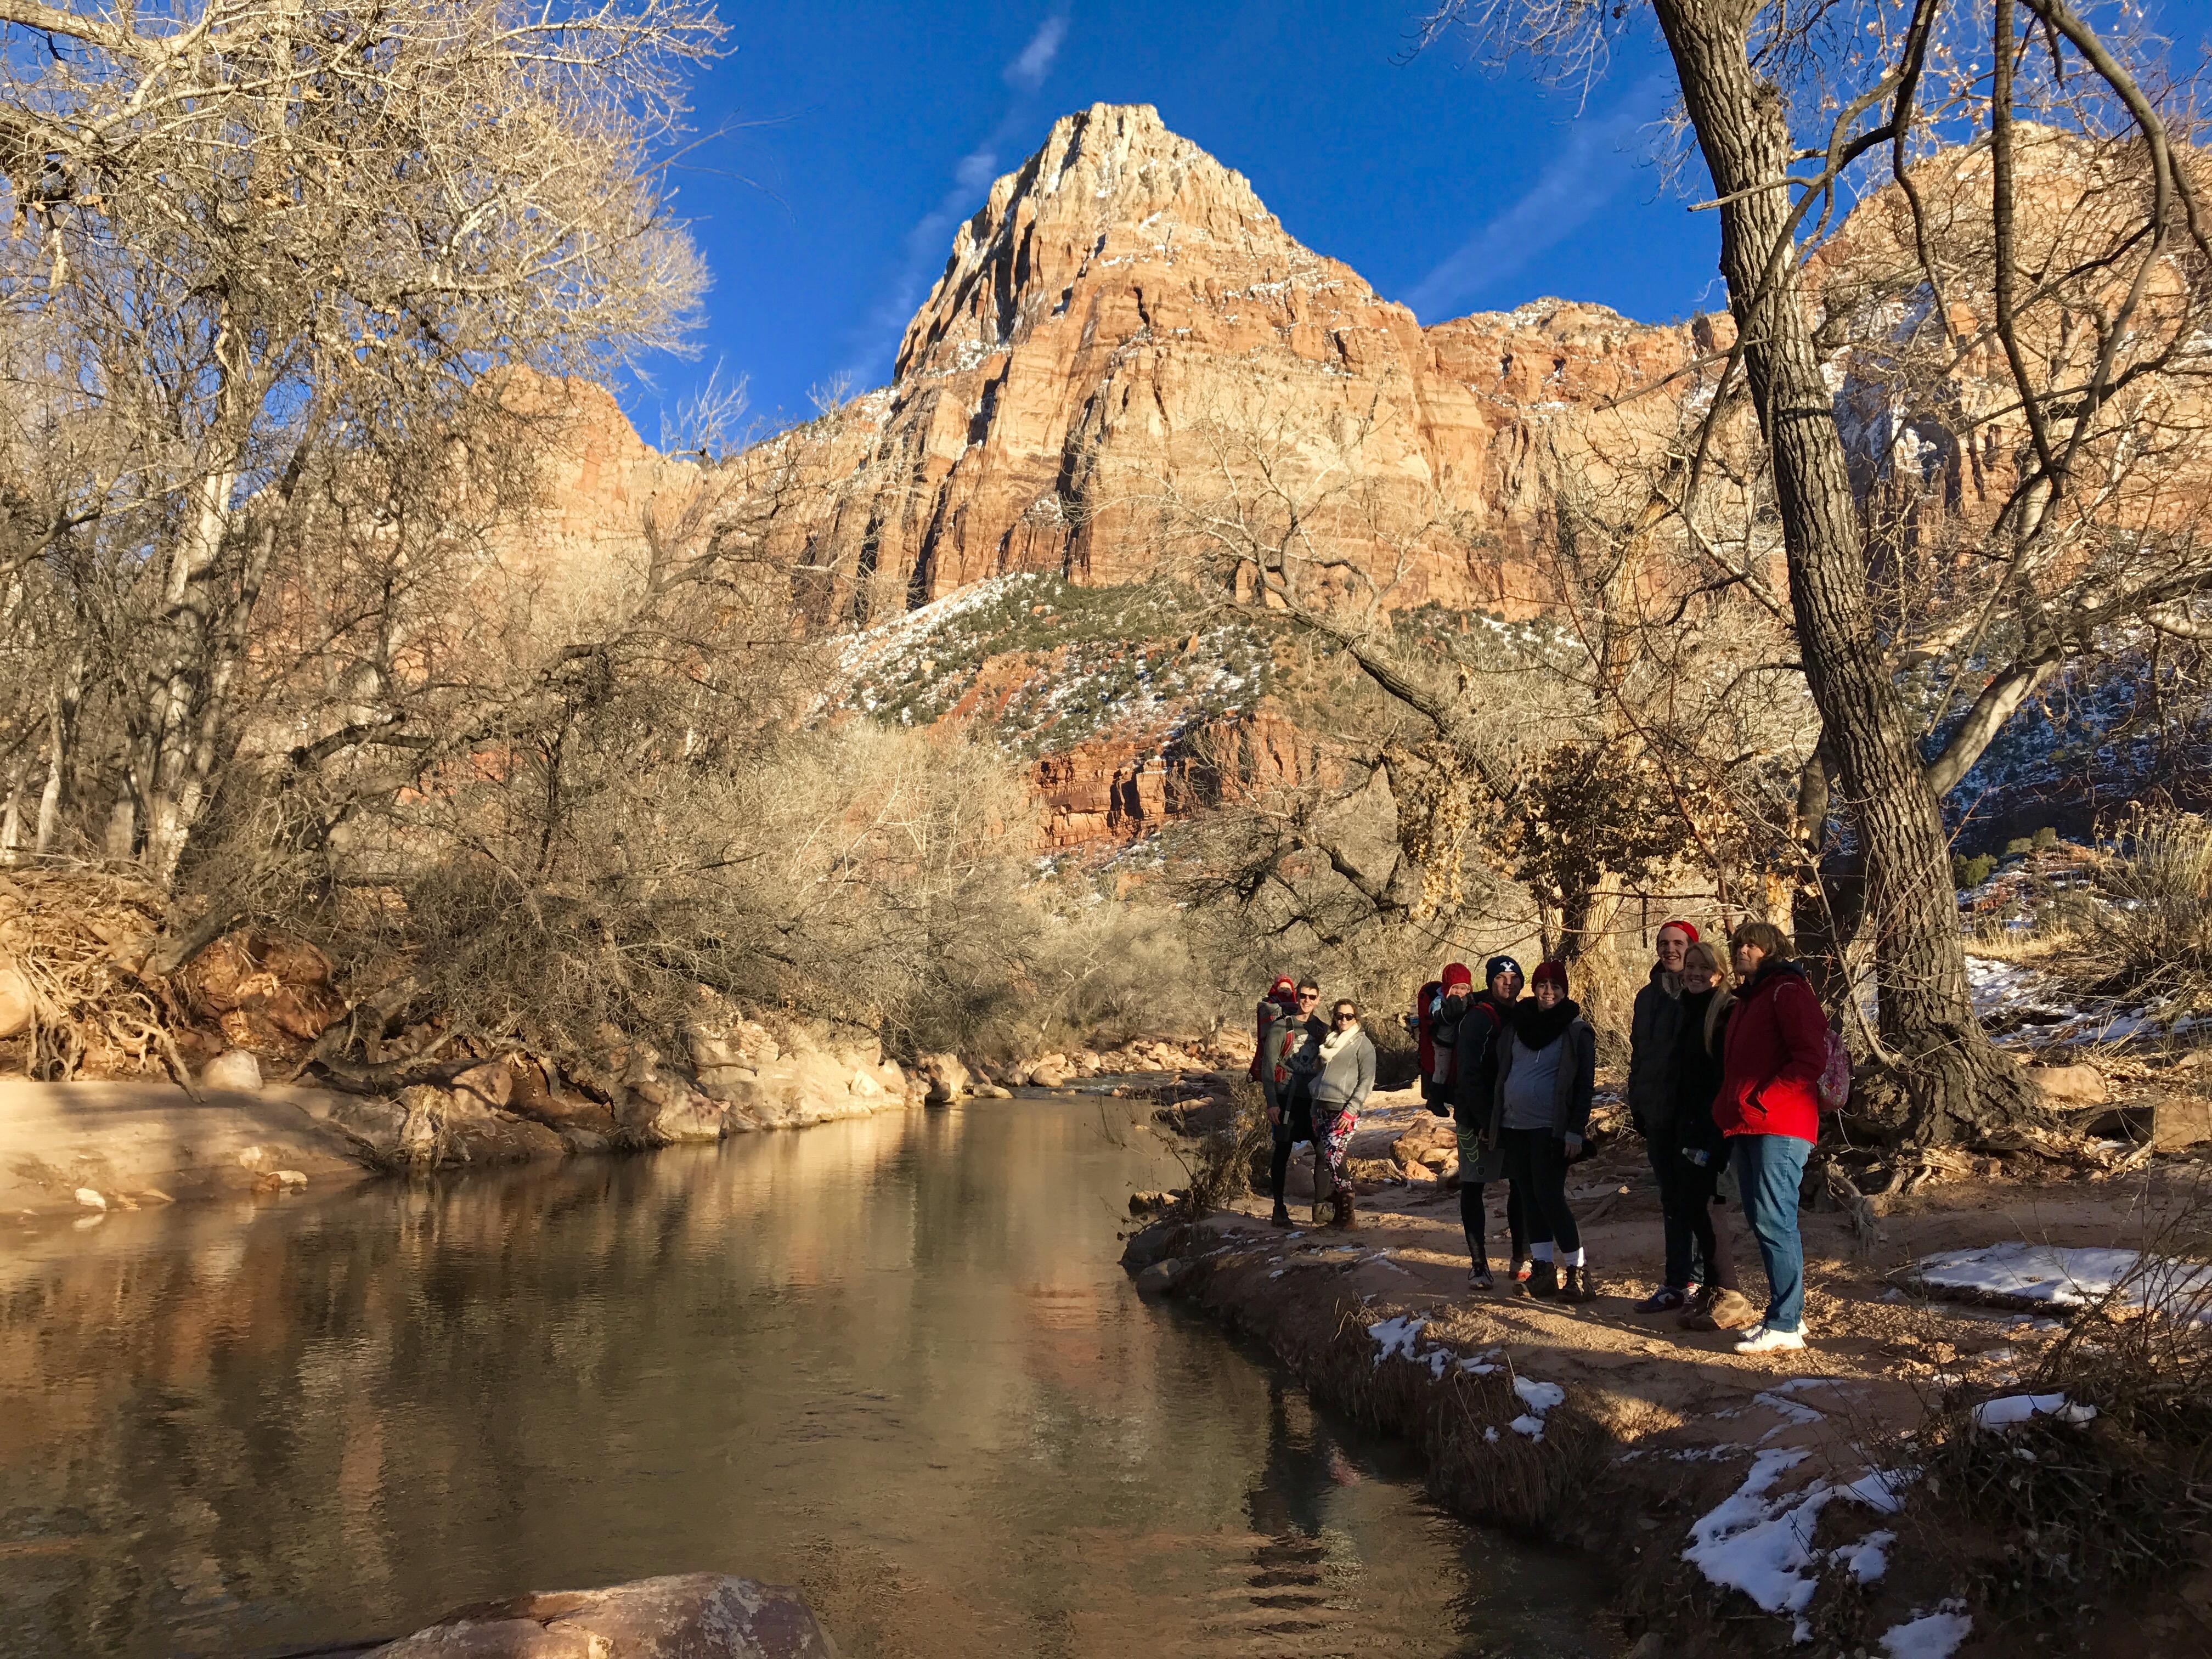 zion cabins canyon utah park rentals vacation kanab national